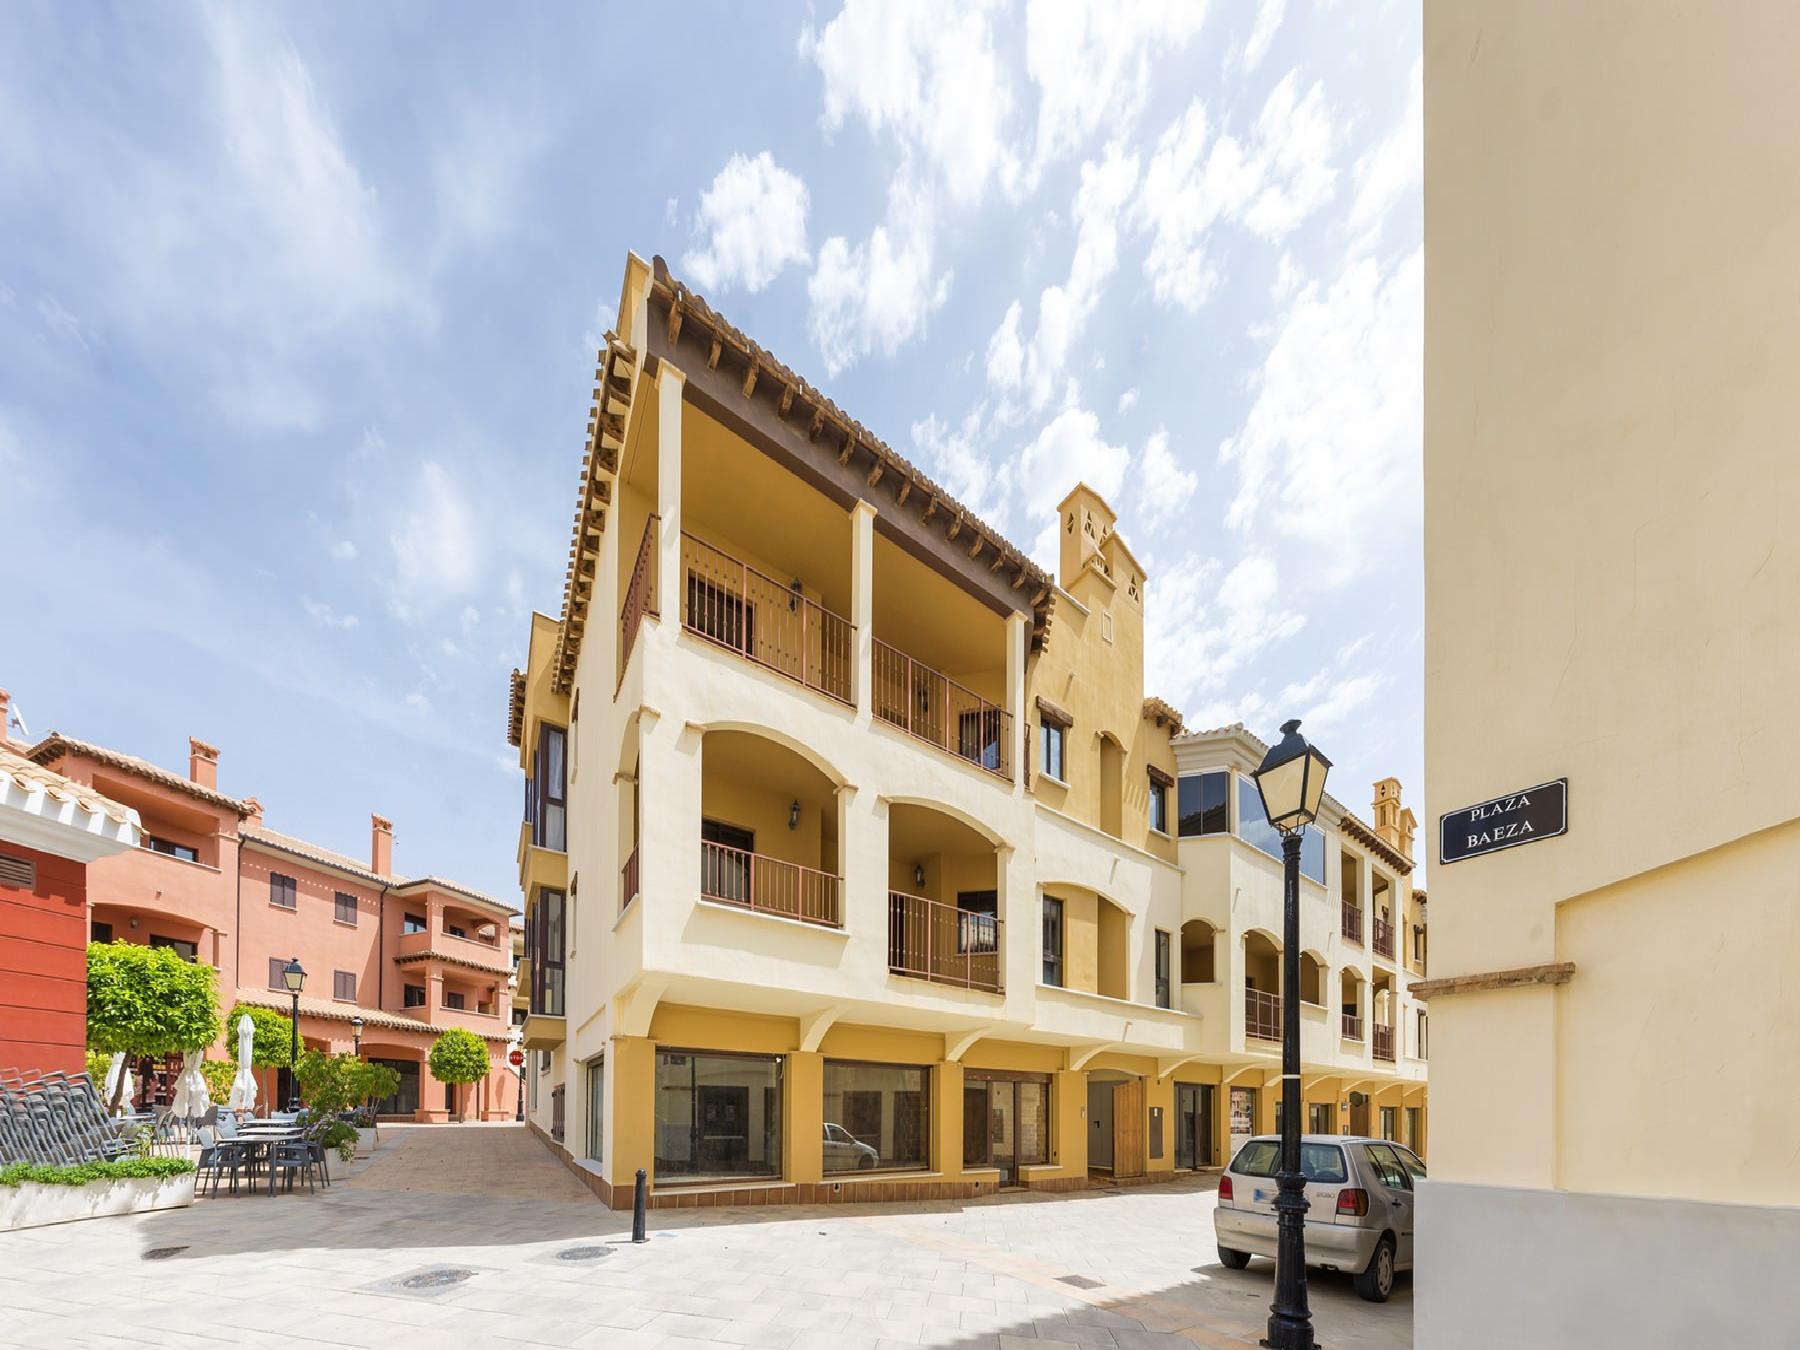 Local Comercial en Fuente Alamo de Murcia